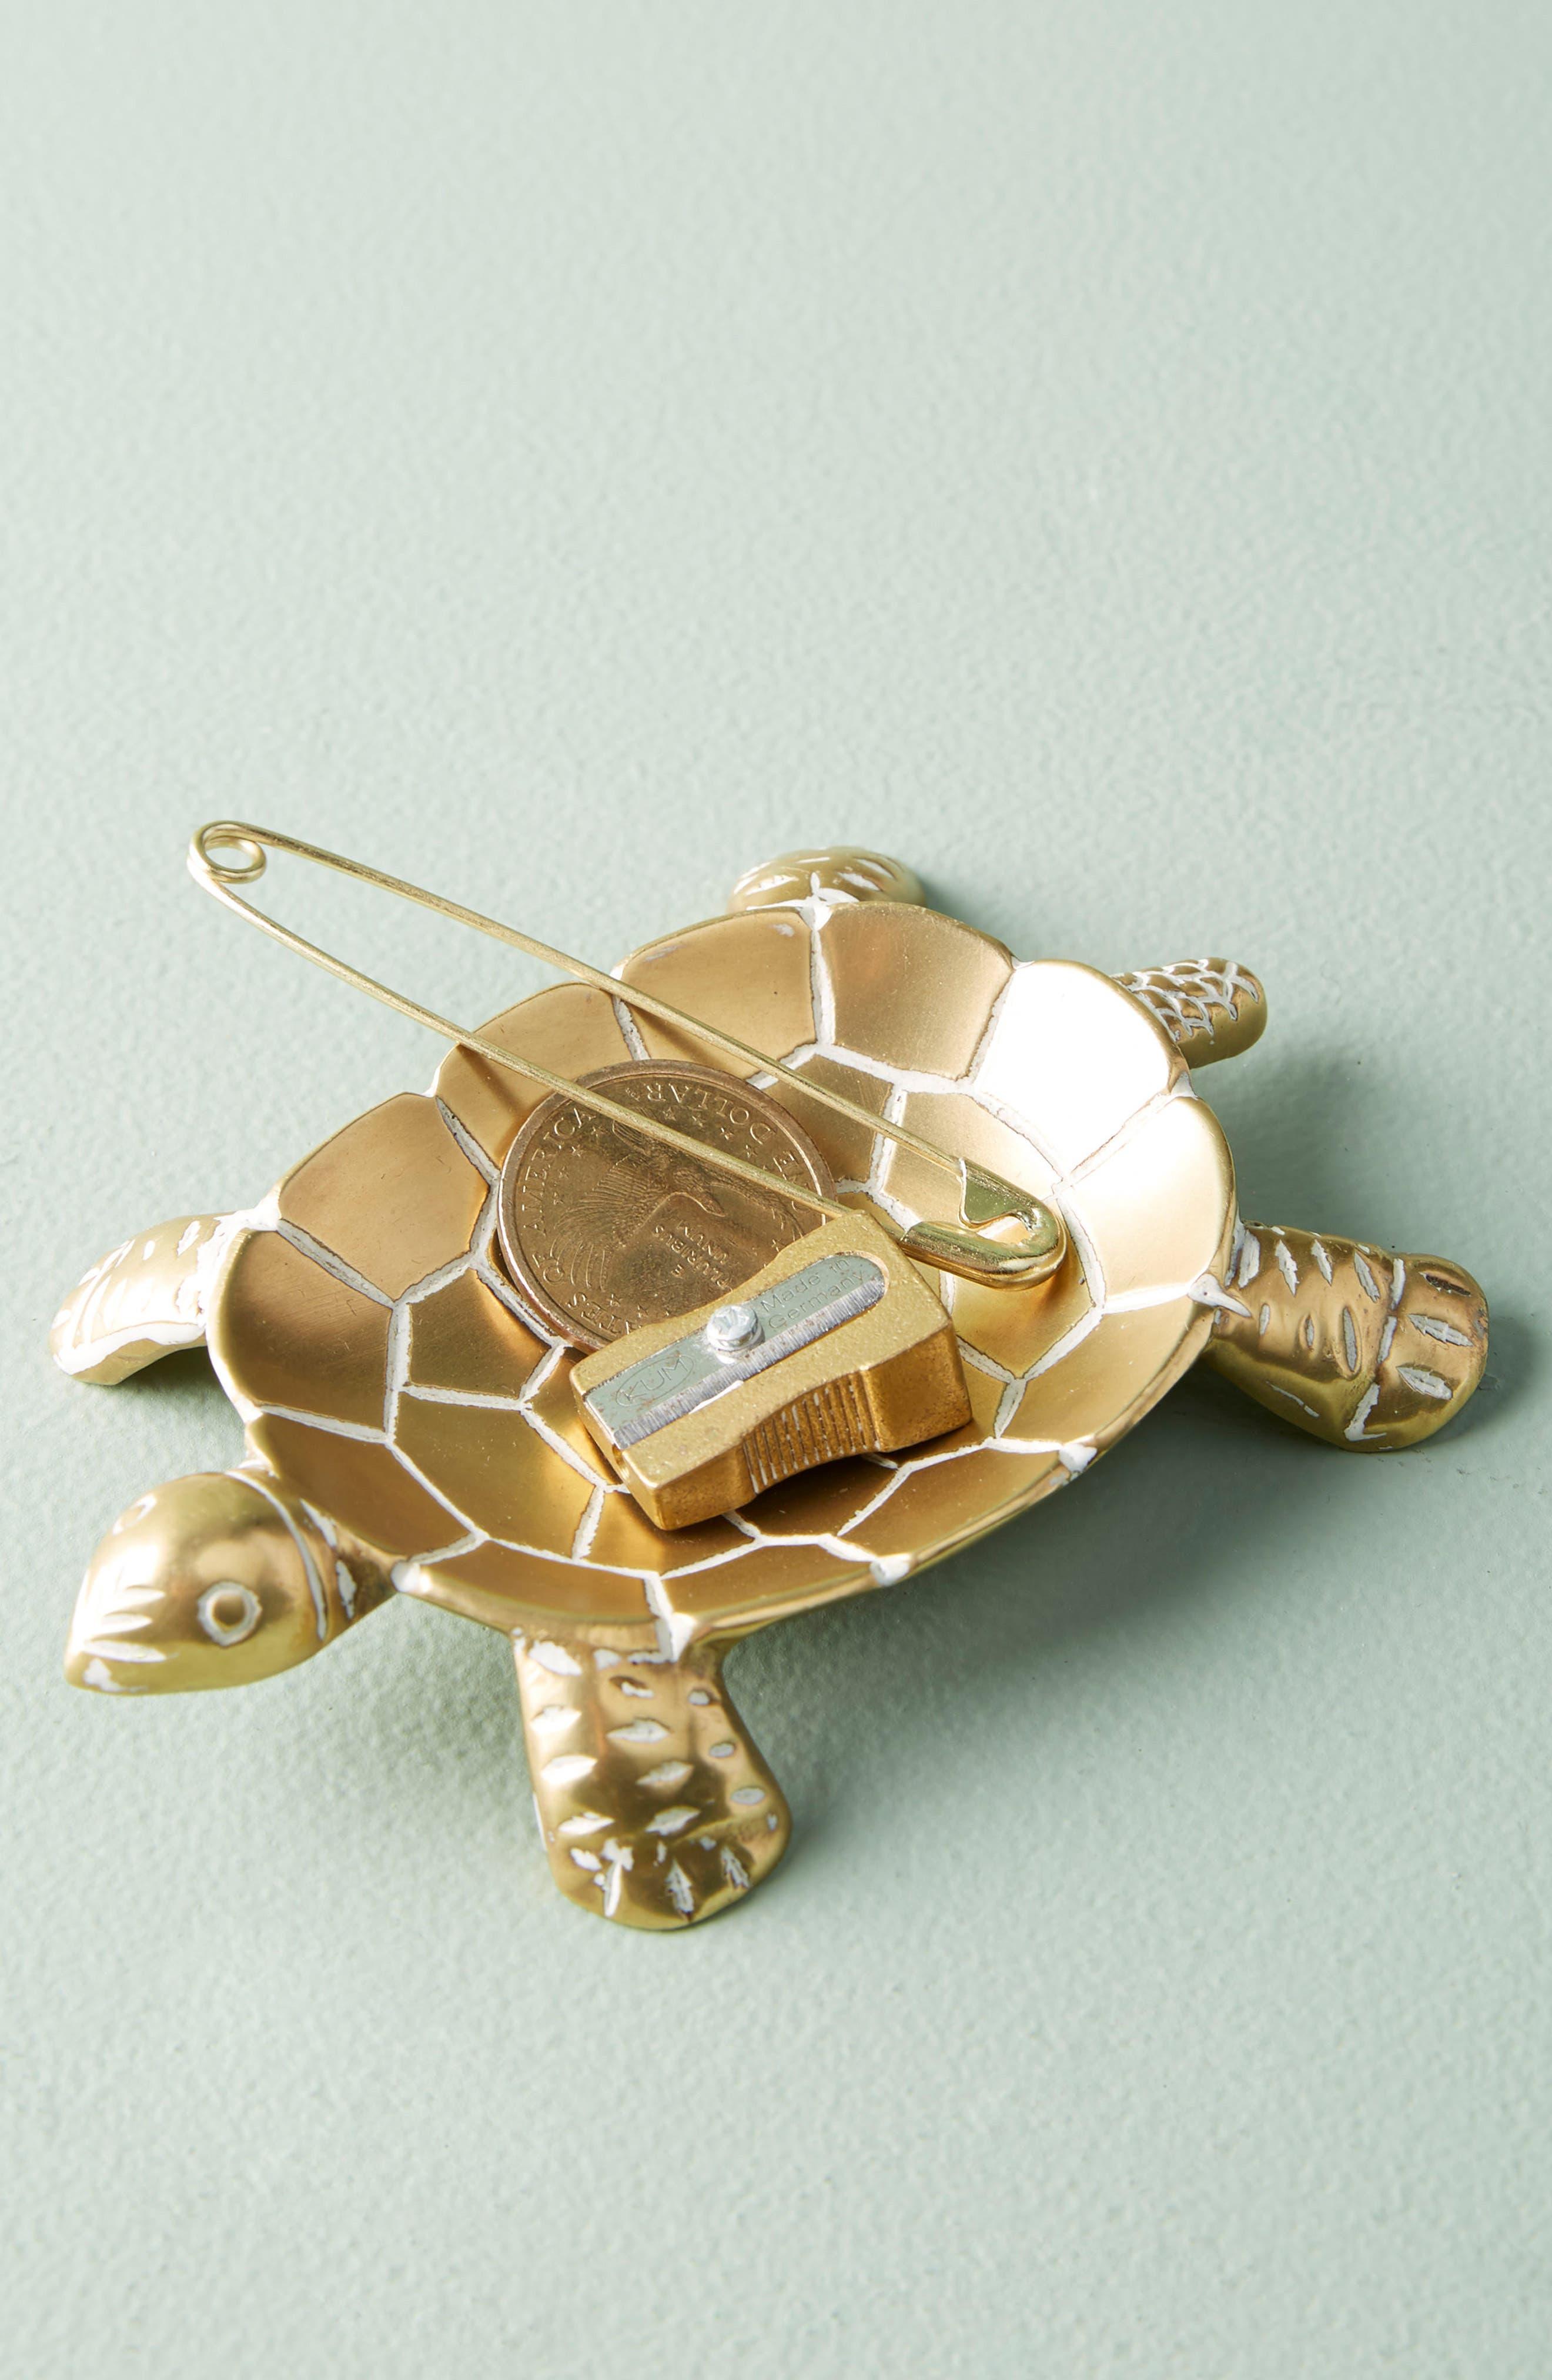 Turtle Trinket Dish,                             Main thumbnail 1, color,                             710